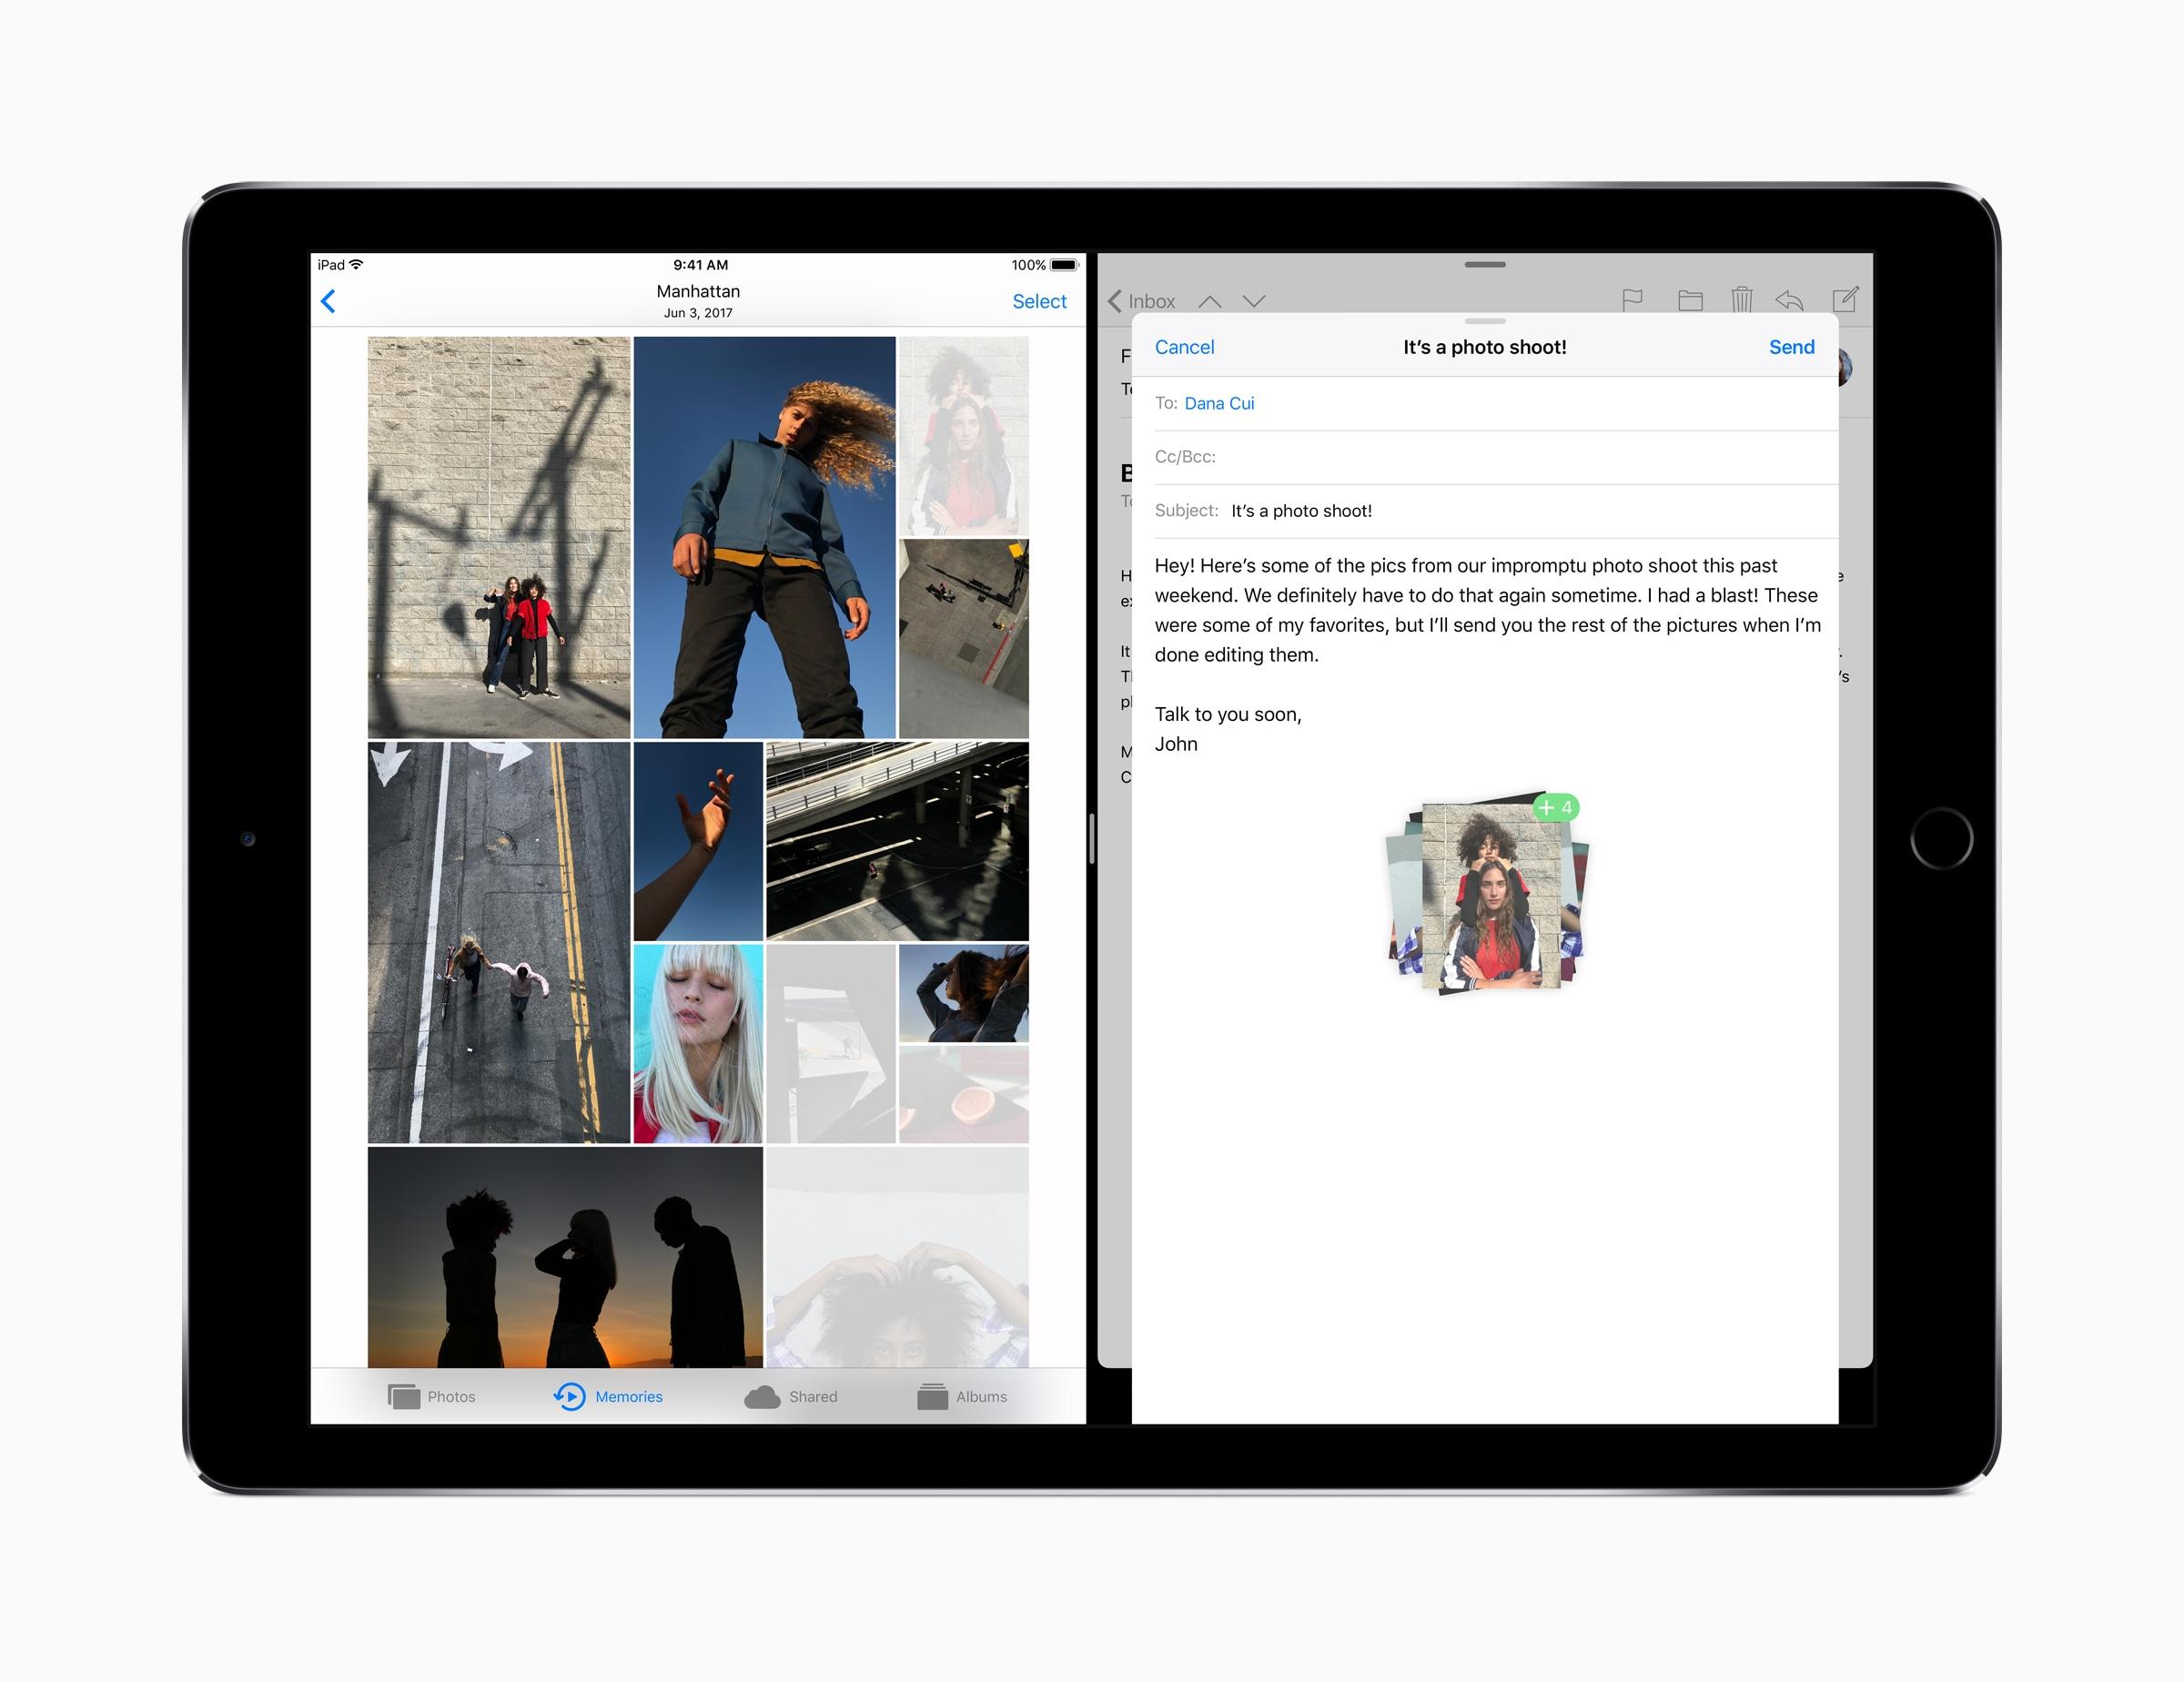 Drag & drop on iPad Pro with iOS 11